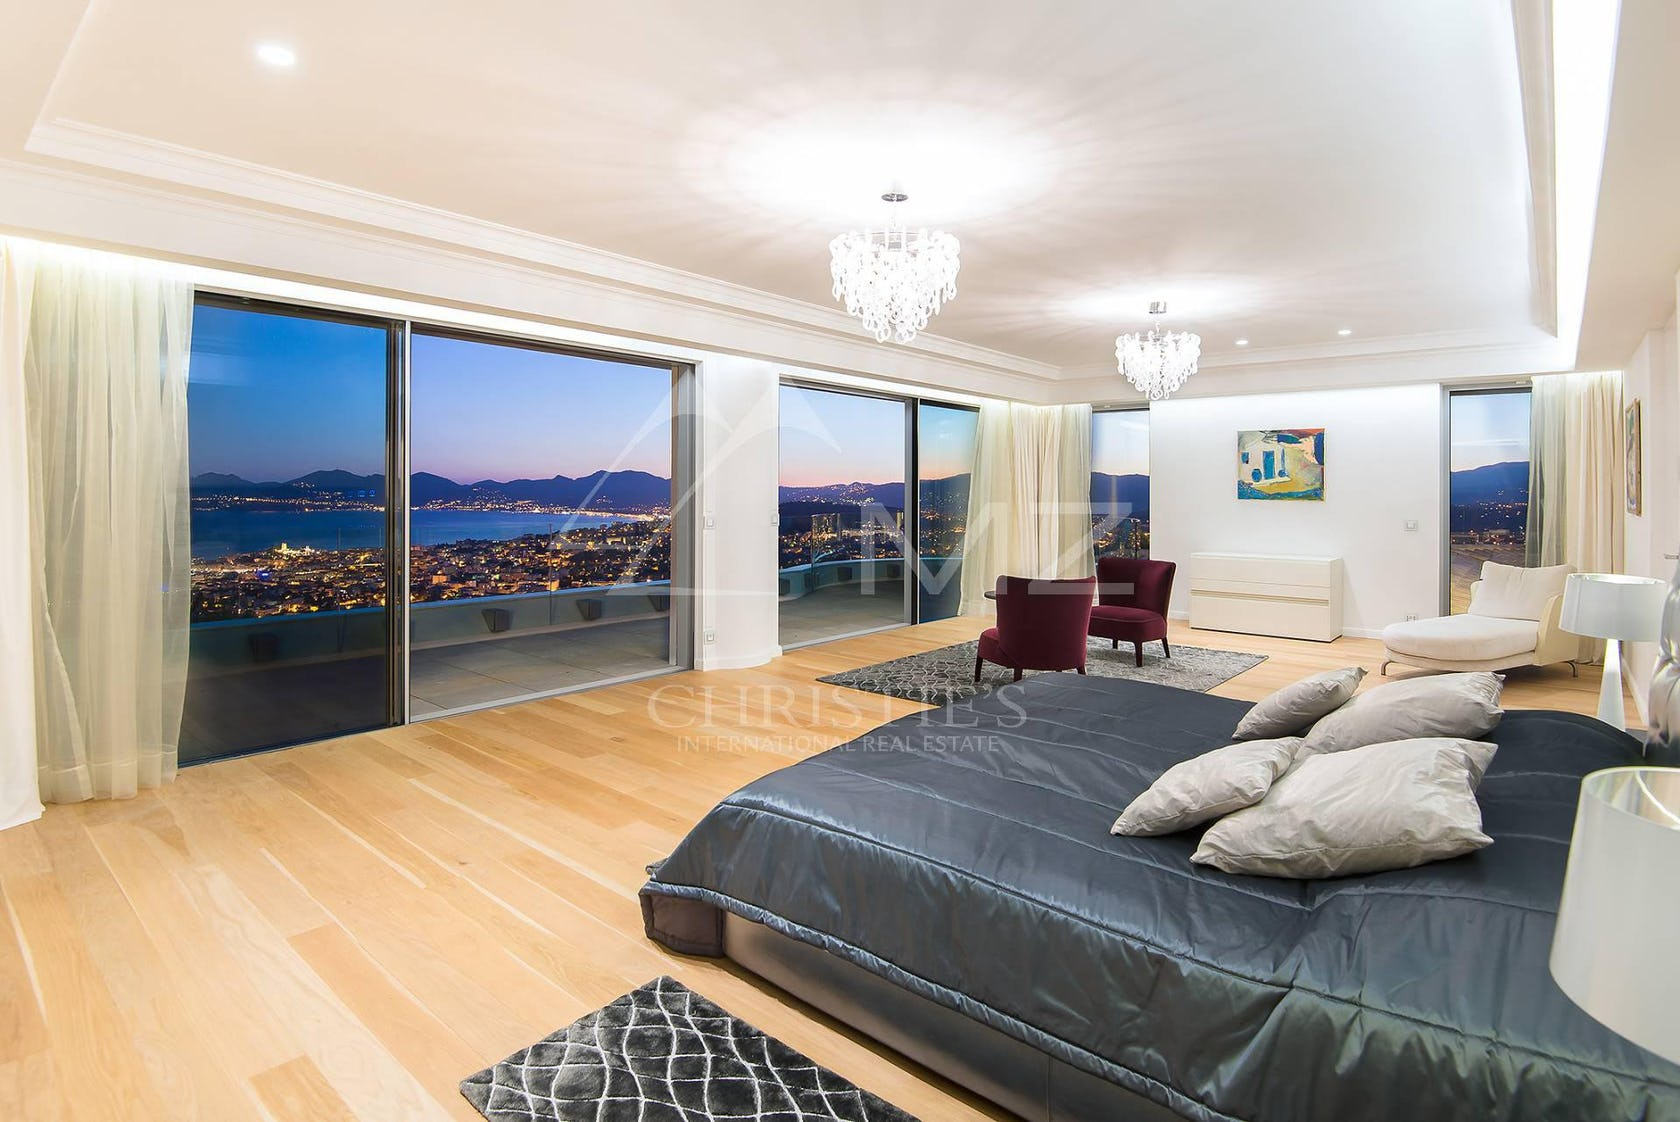 flooring floor indoors furniture bedroom room interior design wood hardwood housing